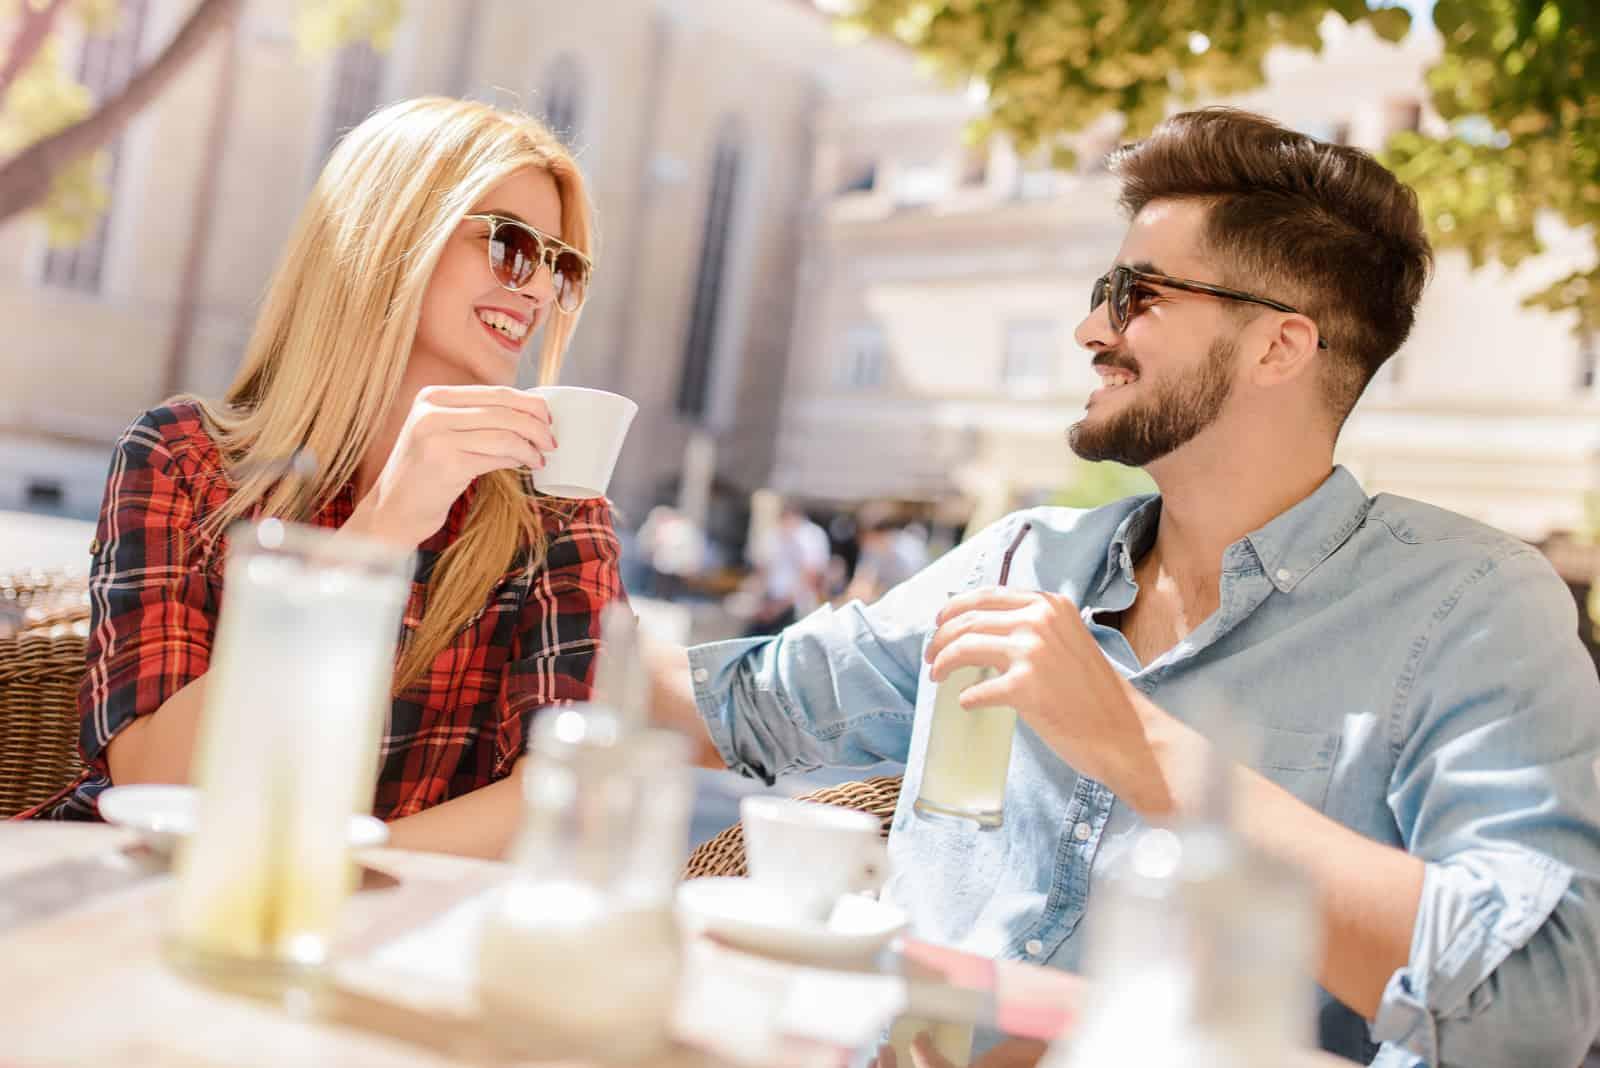 un homme et une femme souriants s'assoient à l'extérieur et parlent autour d'un café